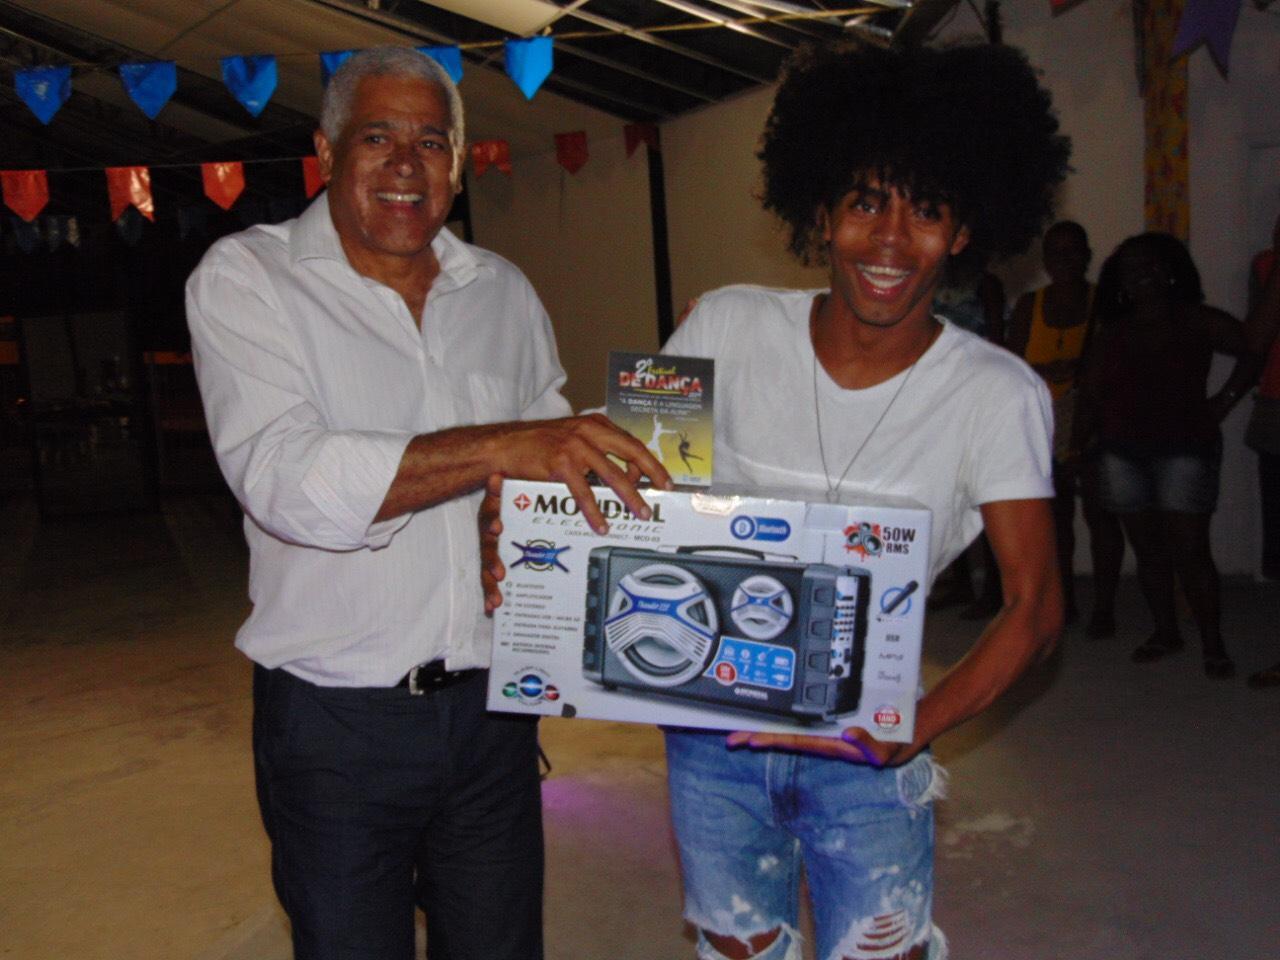 Secult entrega kits de dança para incentivar a expressão artística de jovens de Lauro de Freitas